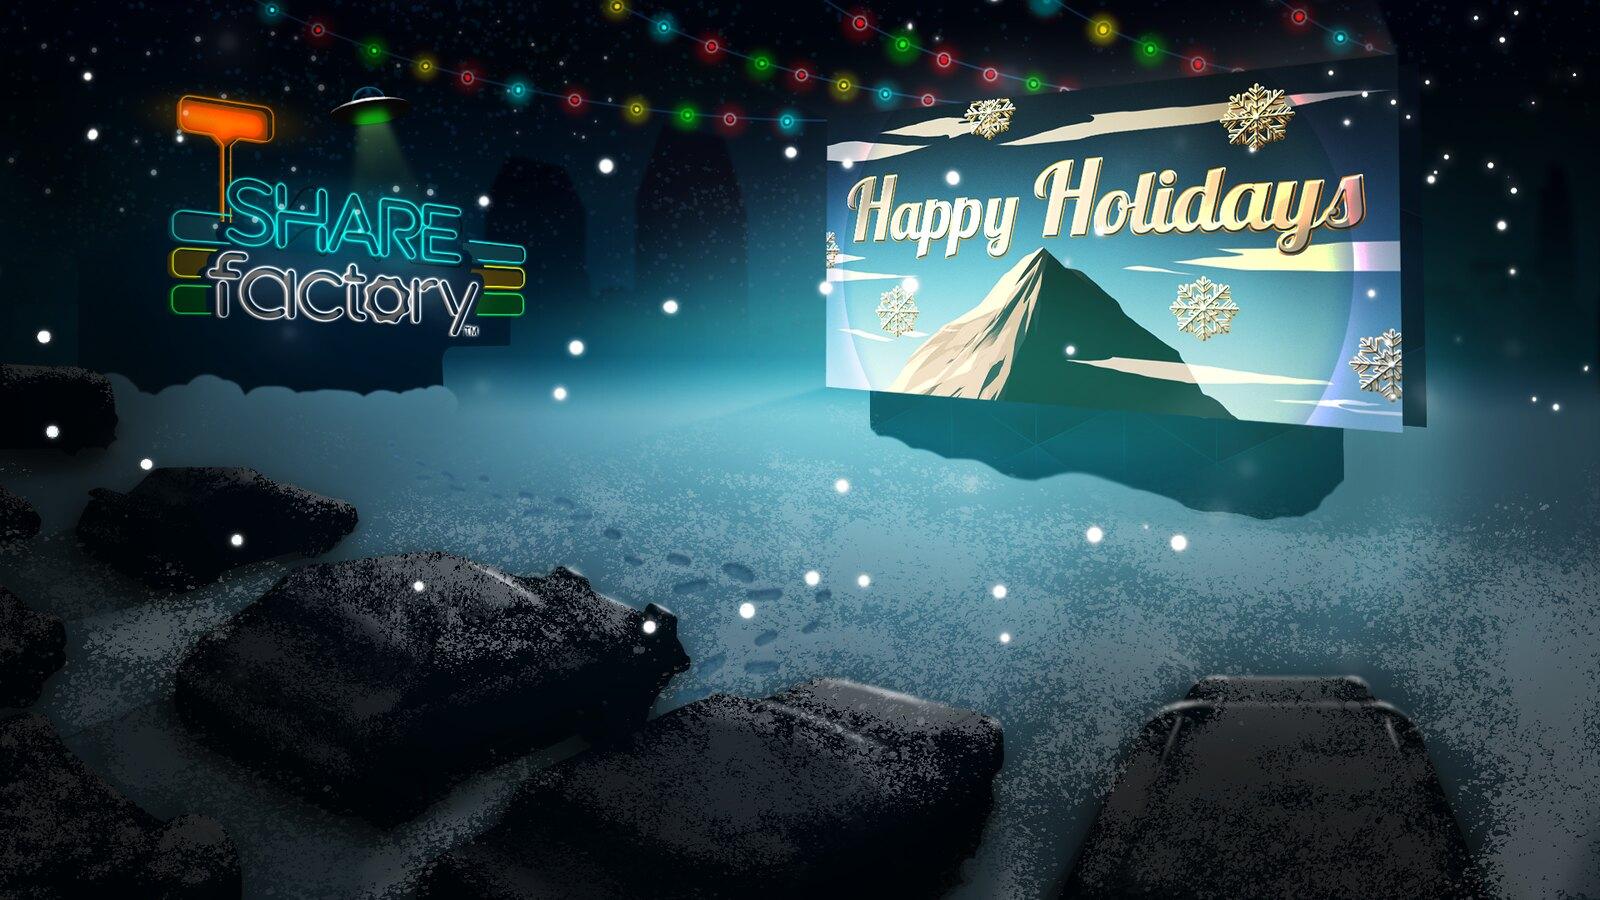 31435098297 68e0d9a0dc h - Mit festlichen Grüßen vom PlayStation.Blog & Friends